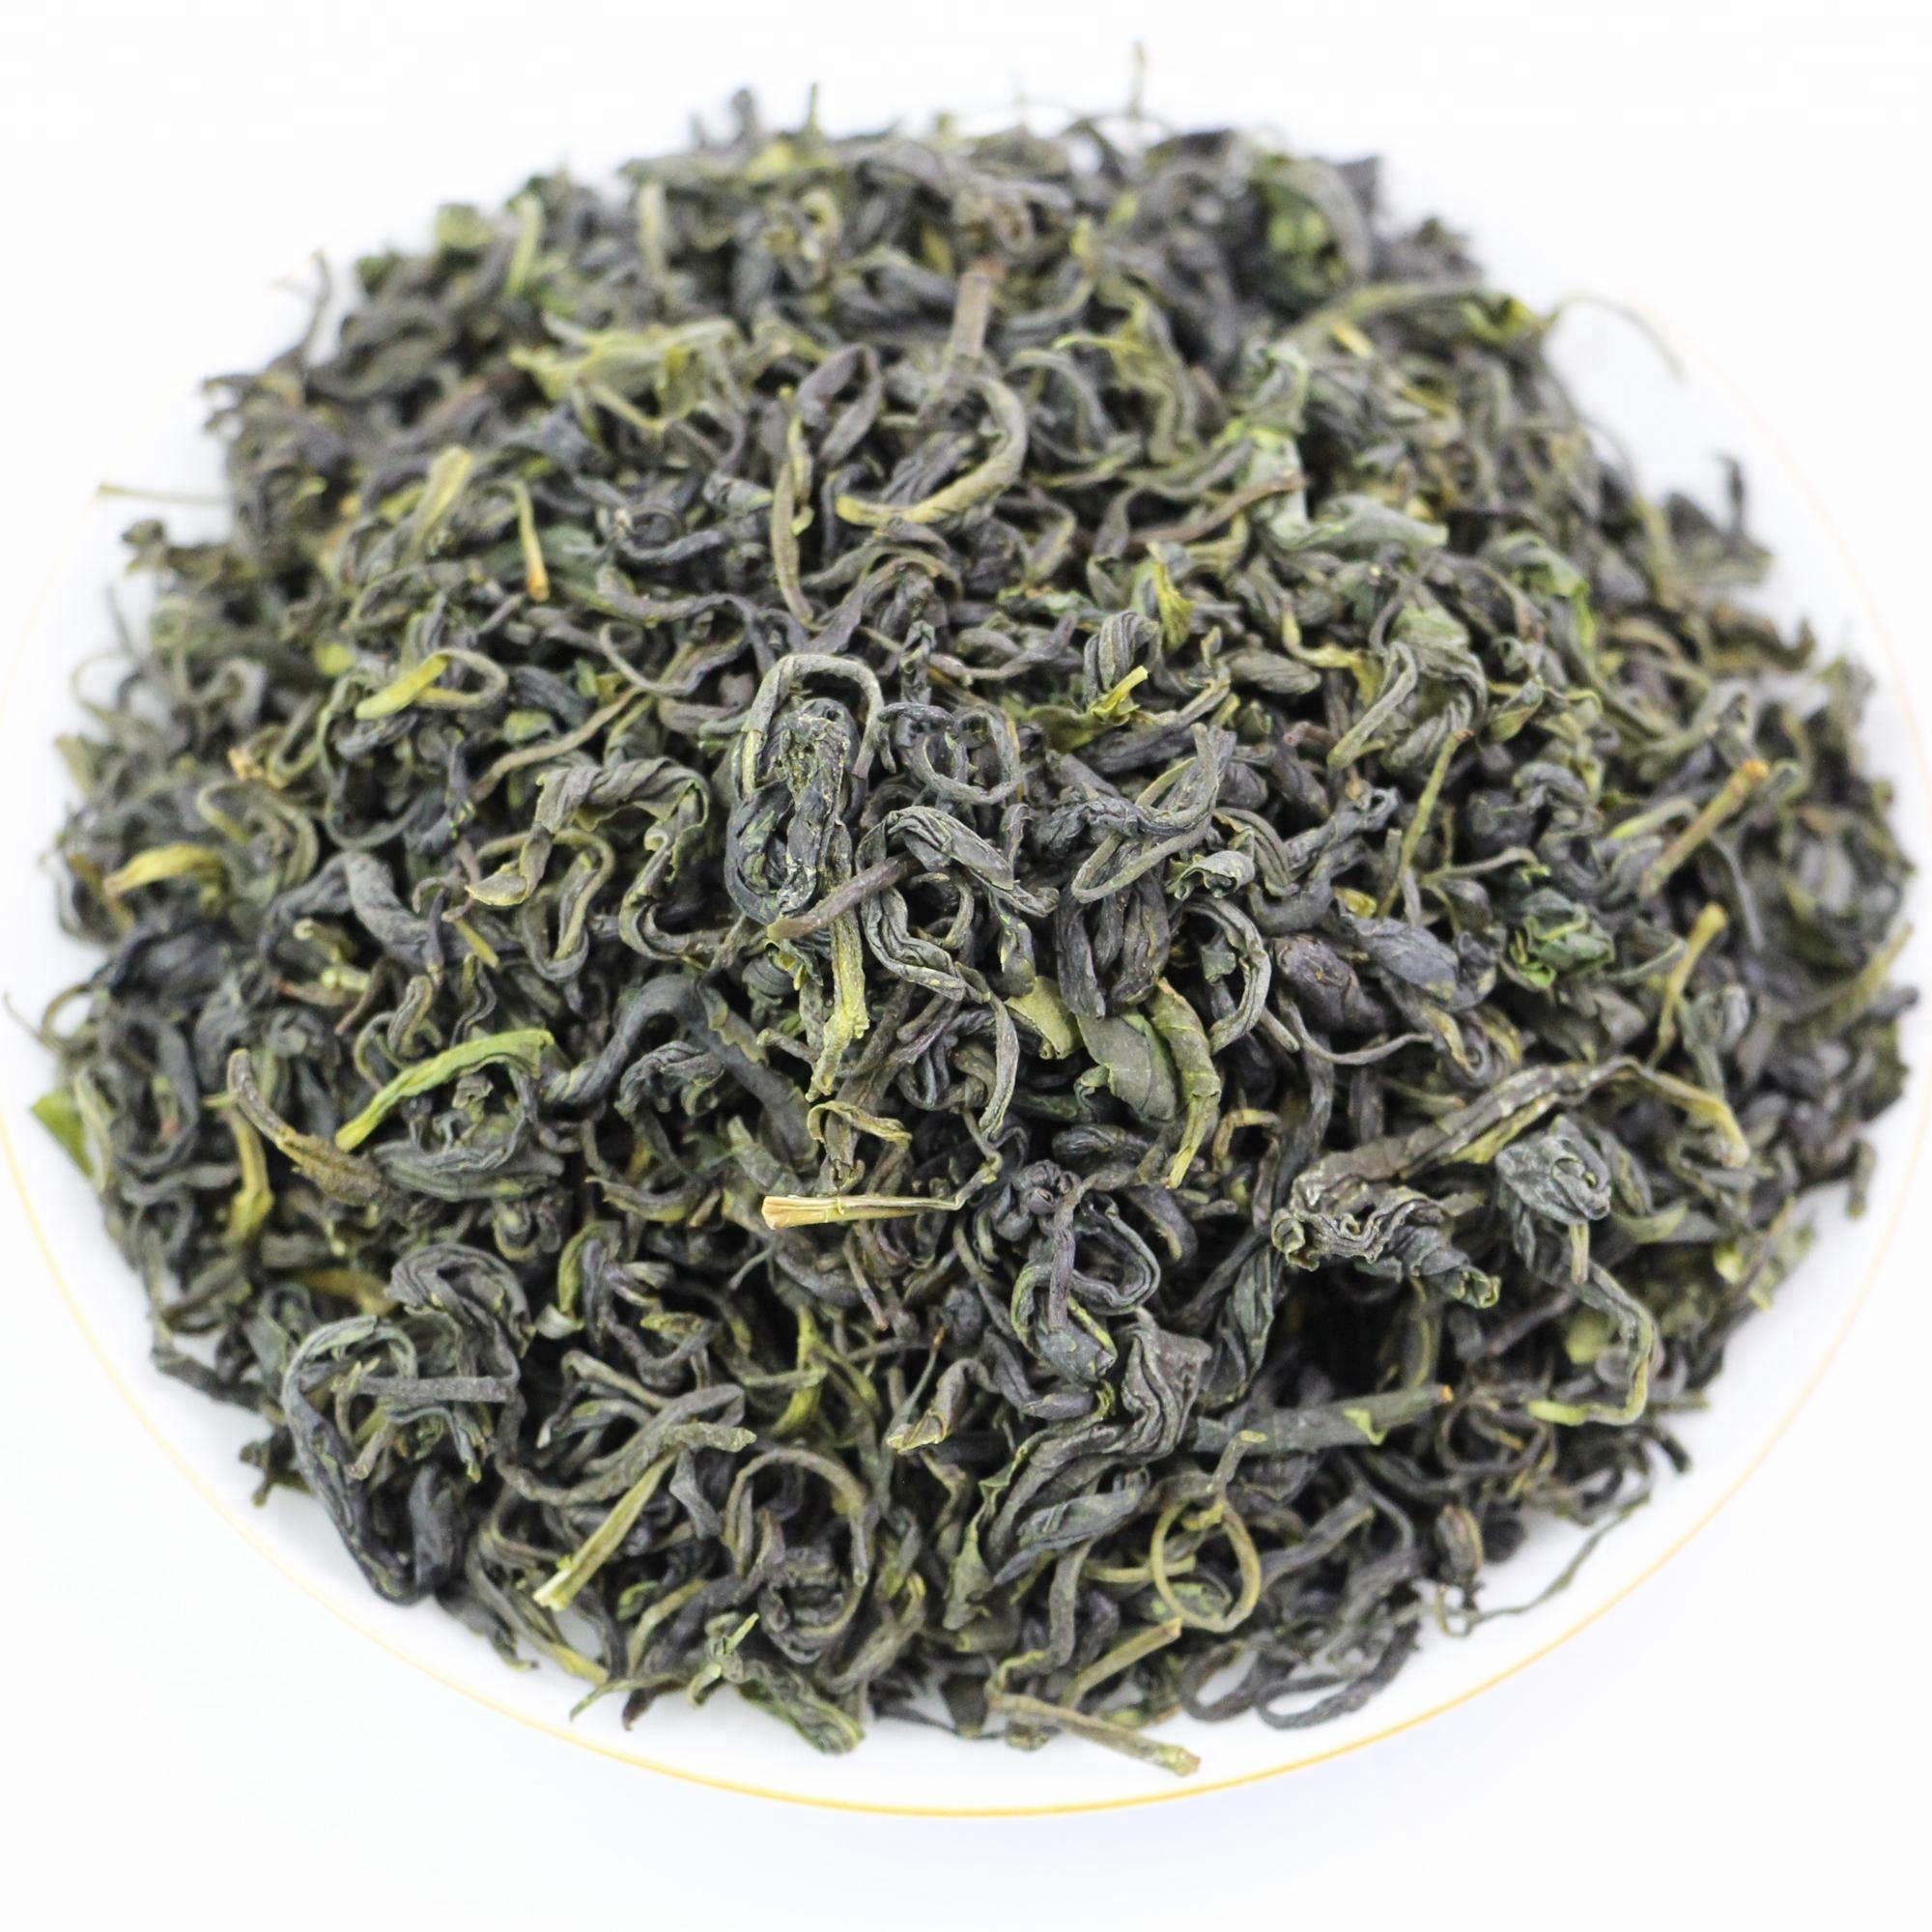 Tea description internet shop quick slim tea green - 4uTea | 4uTea.com